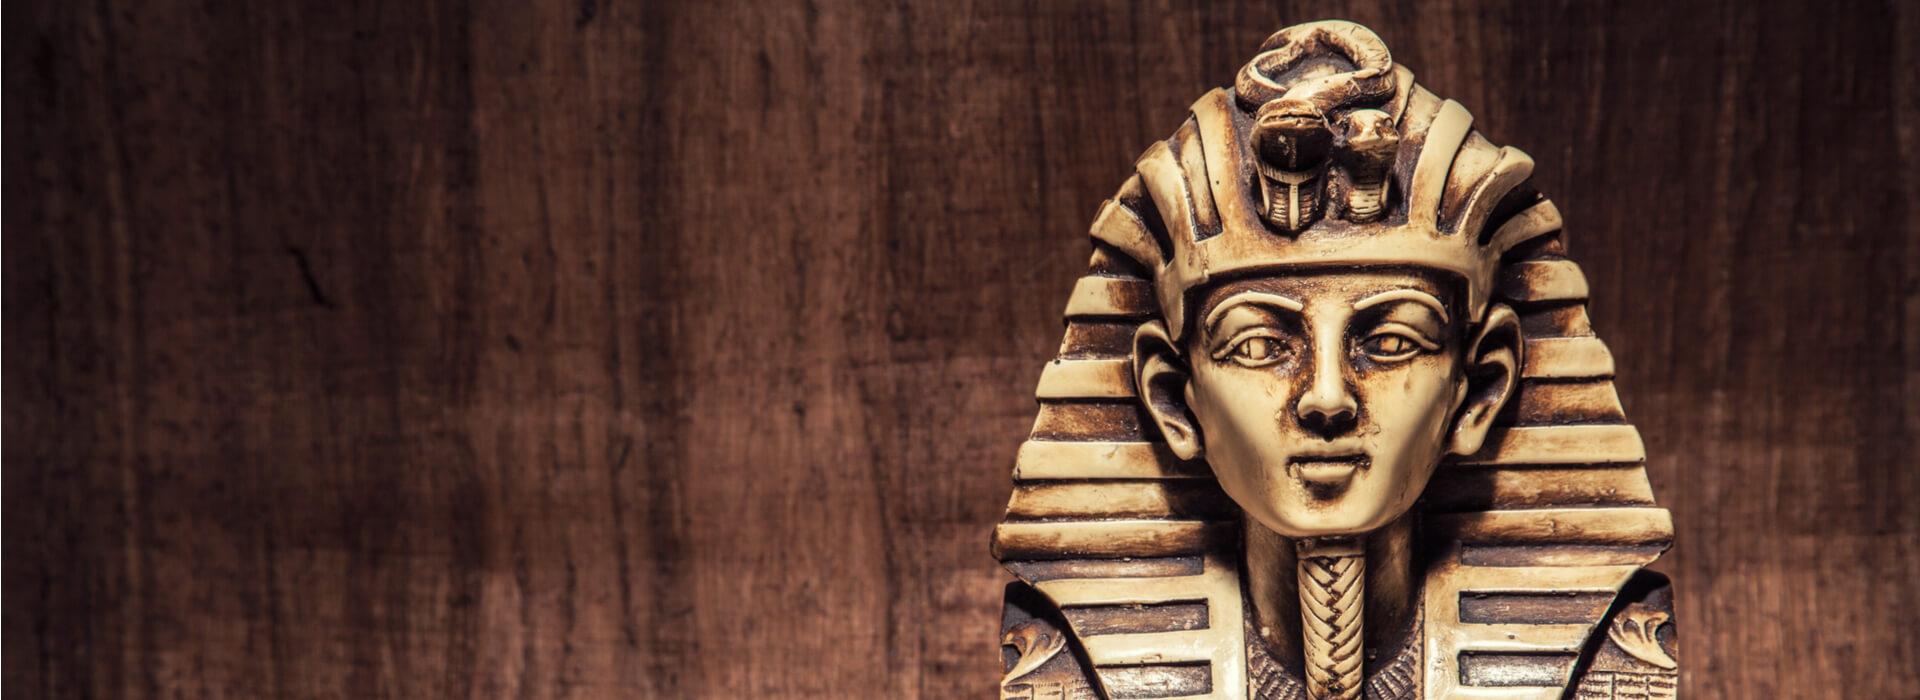 Marc Found the Pharaoh's Treasure!